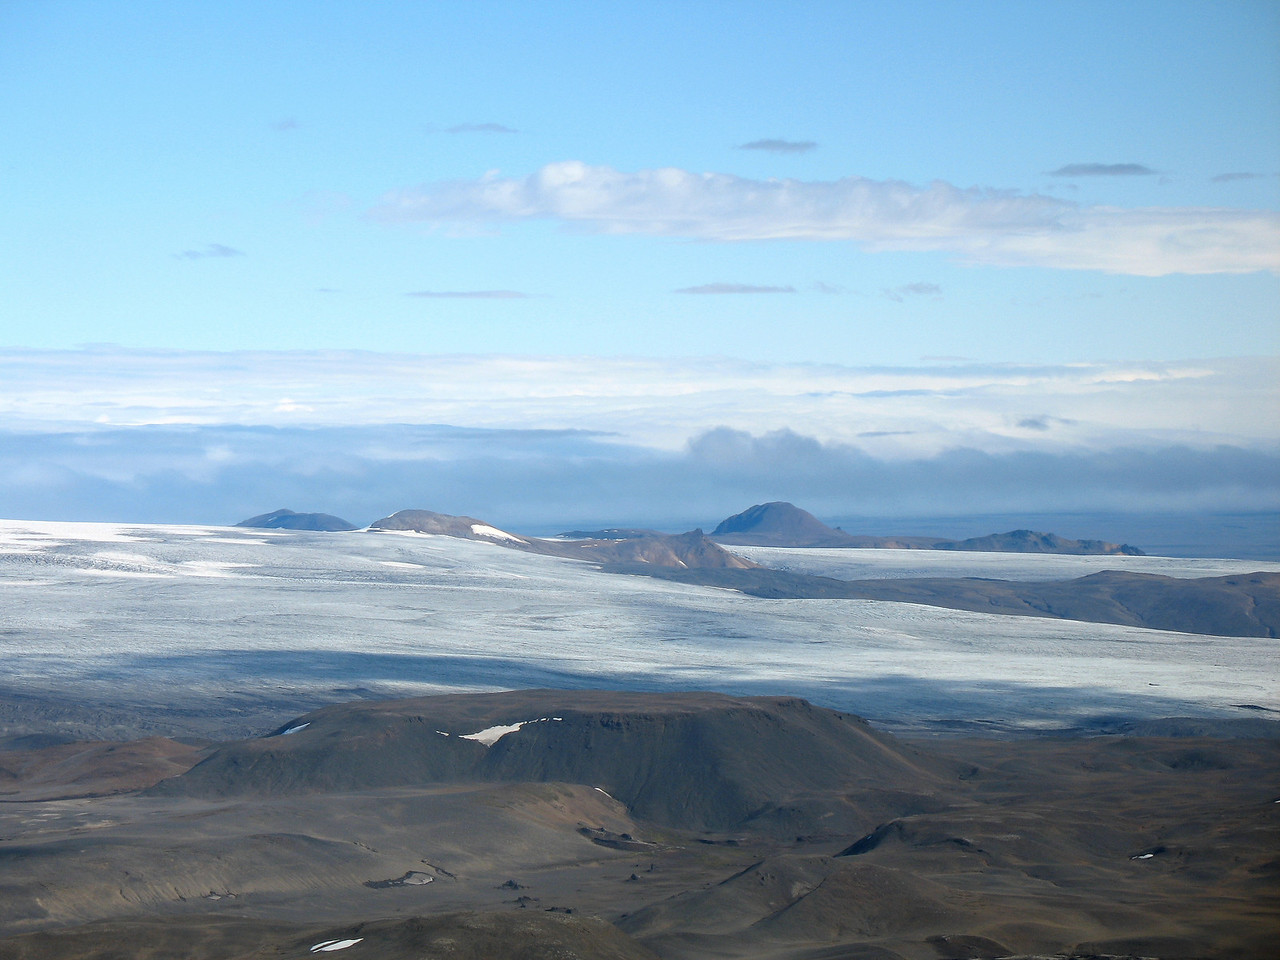 Og hér er horft til norðausturs, Arnarfell hið mikla gnæfir yfir nágranna sína.